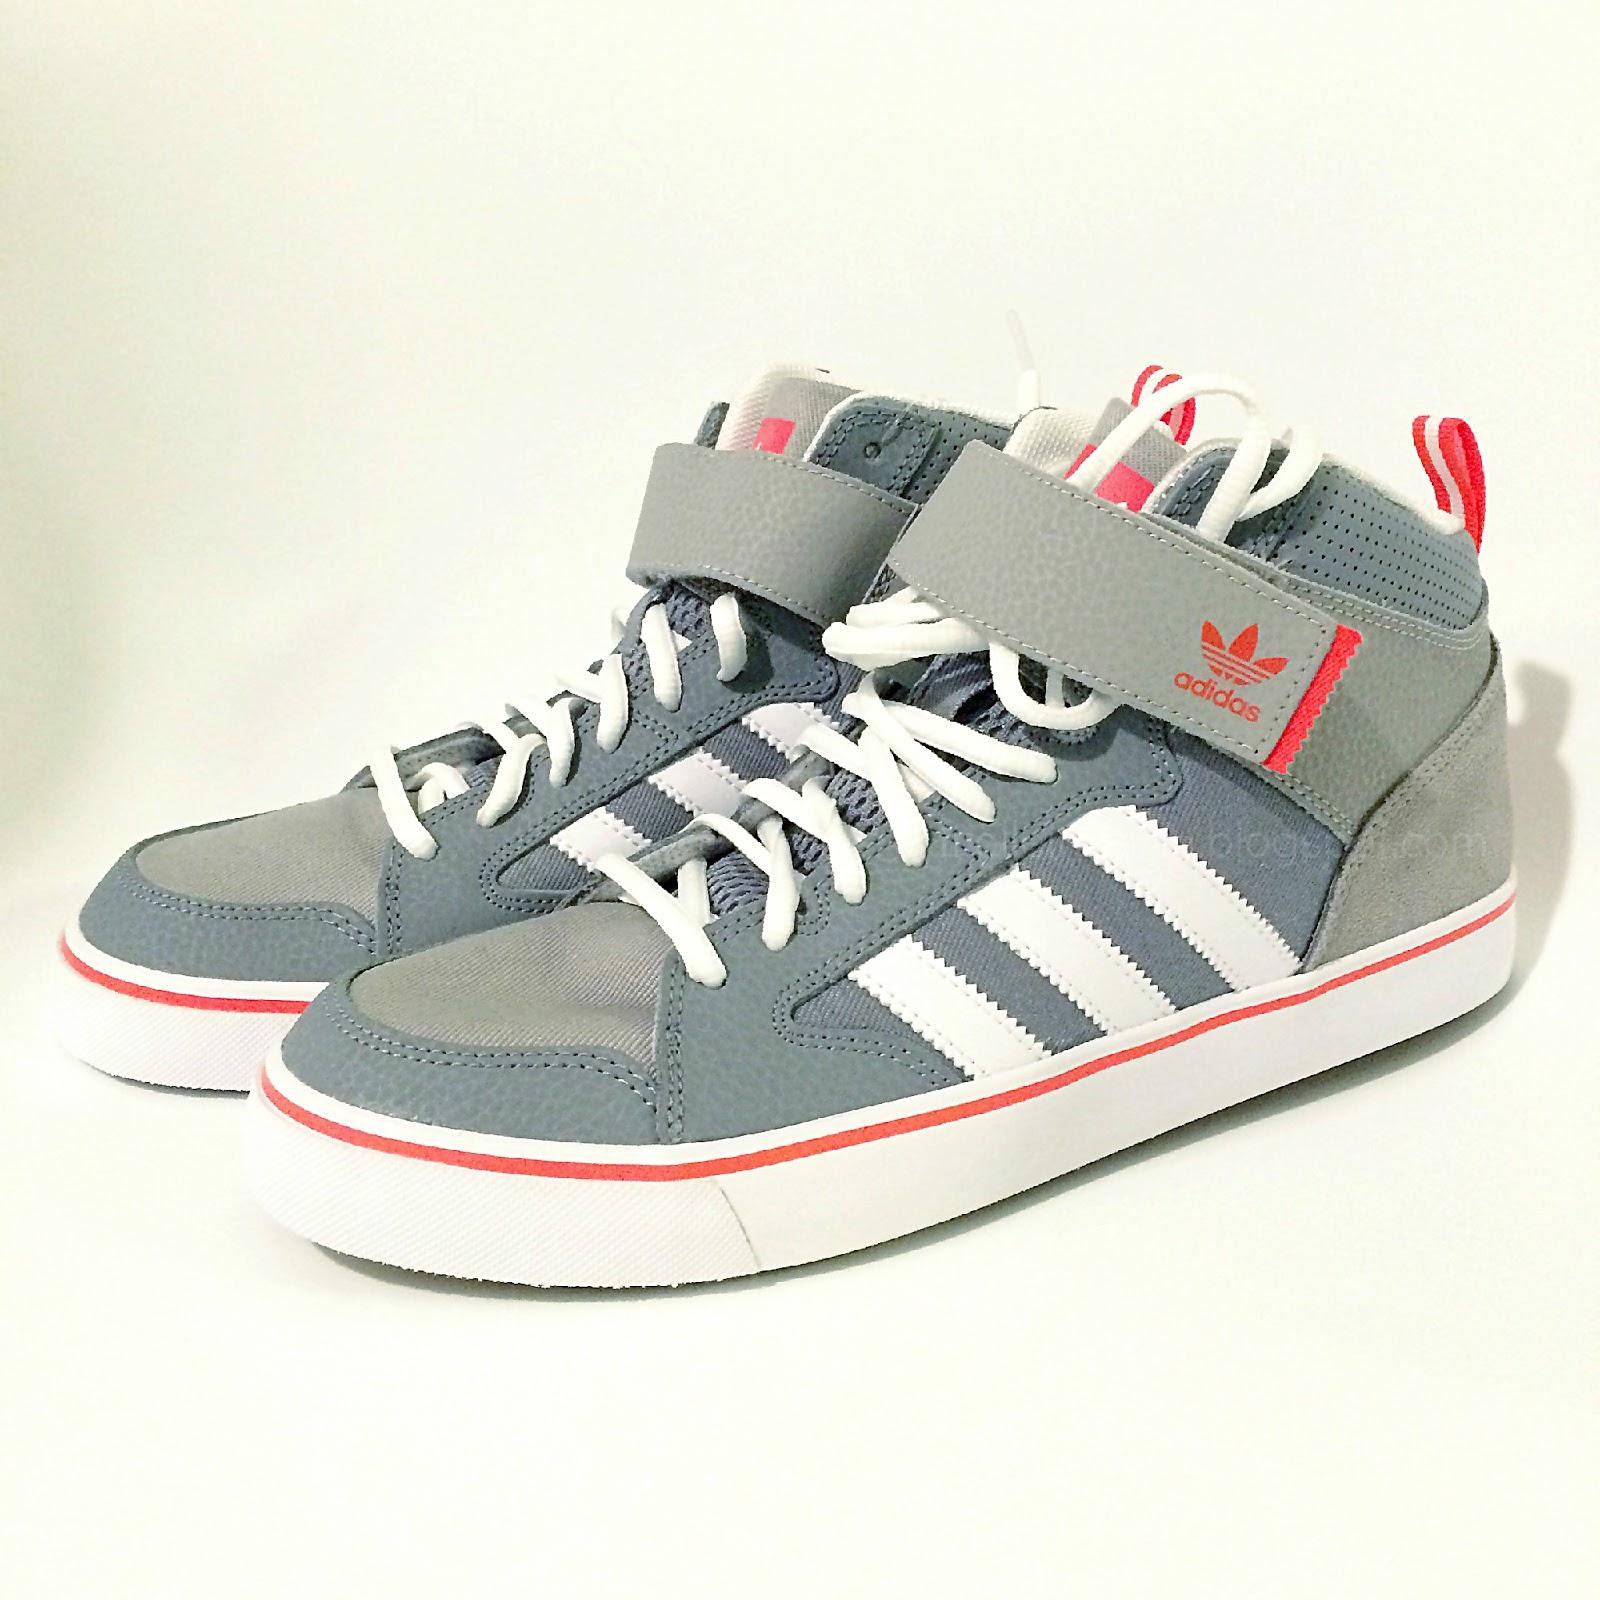 Mmi, Mittwochs mag ich, Frollein Pfau, Adidas, My Adidas, Sneaker, Turnschuhe, 3 Streifen